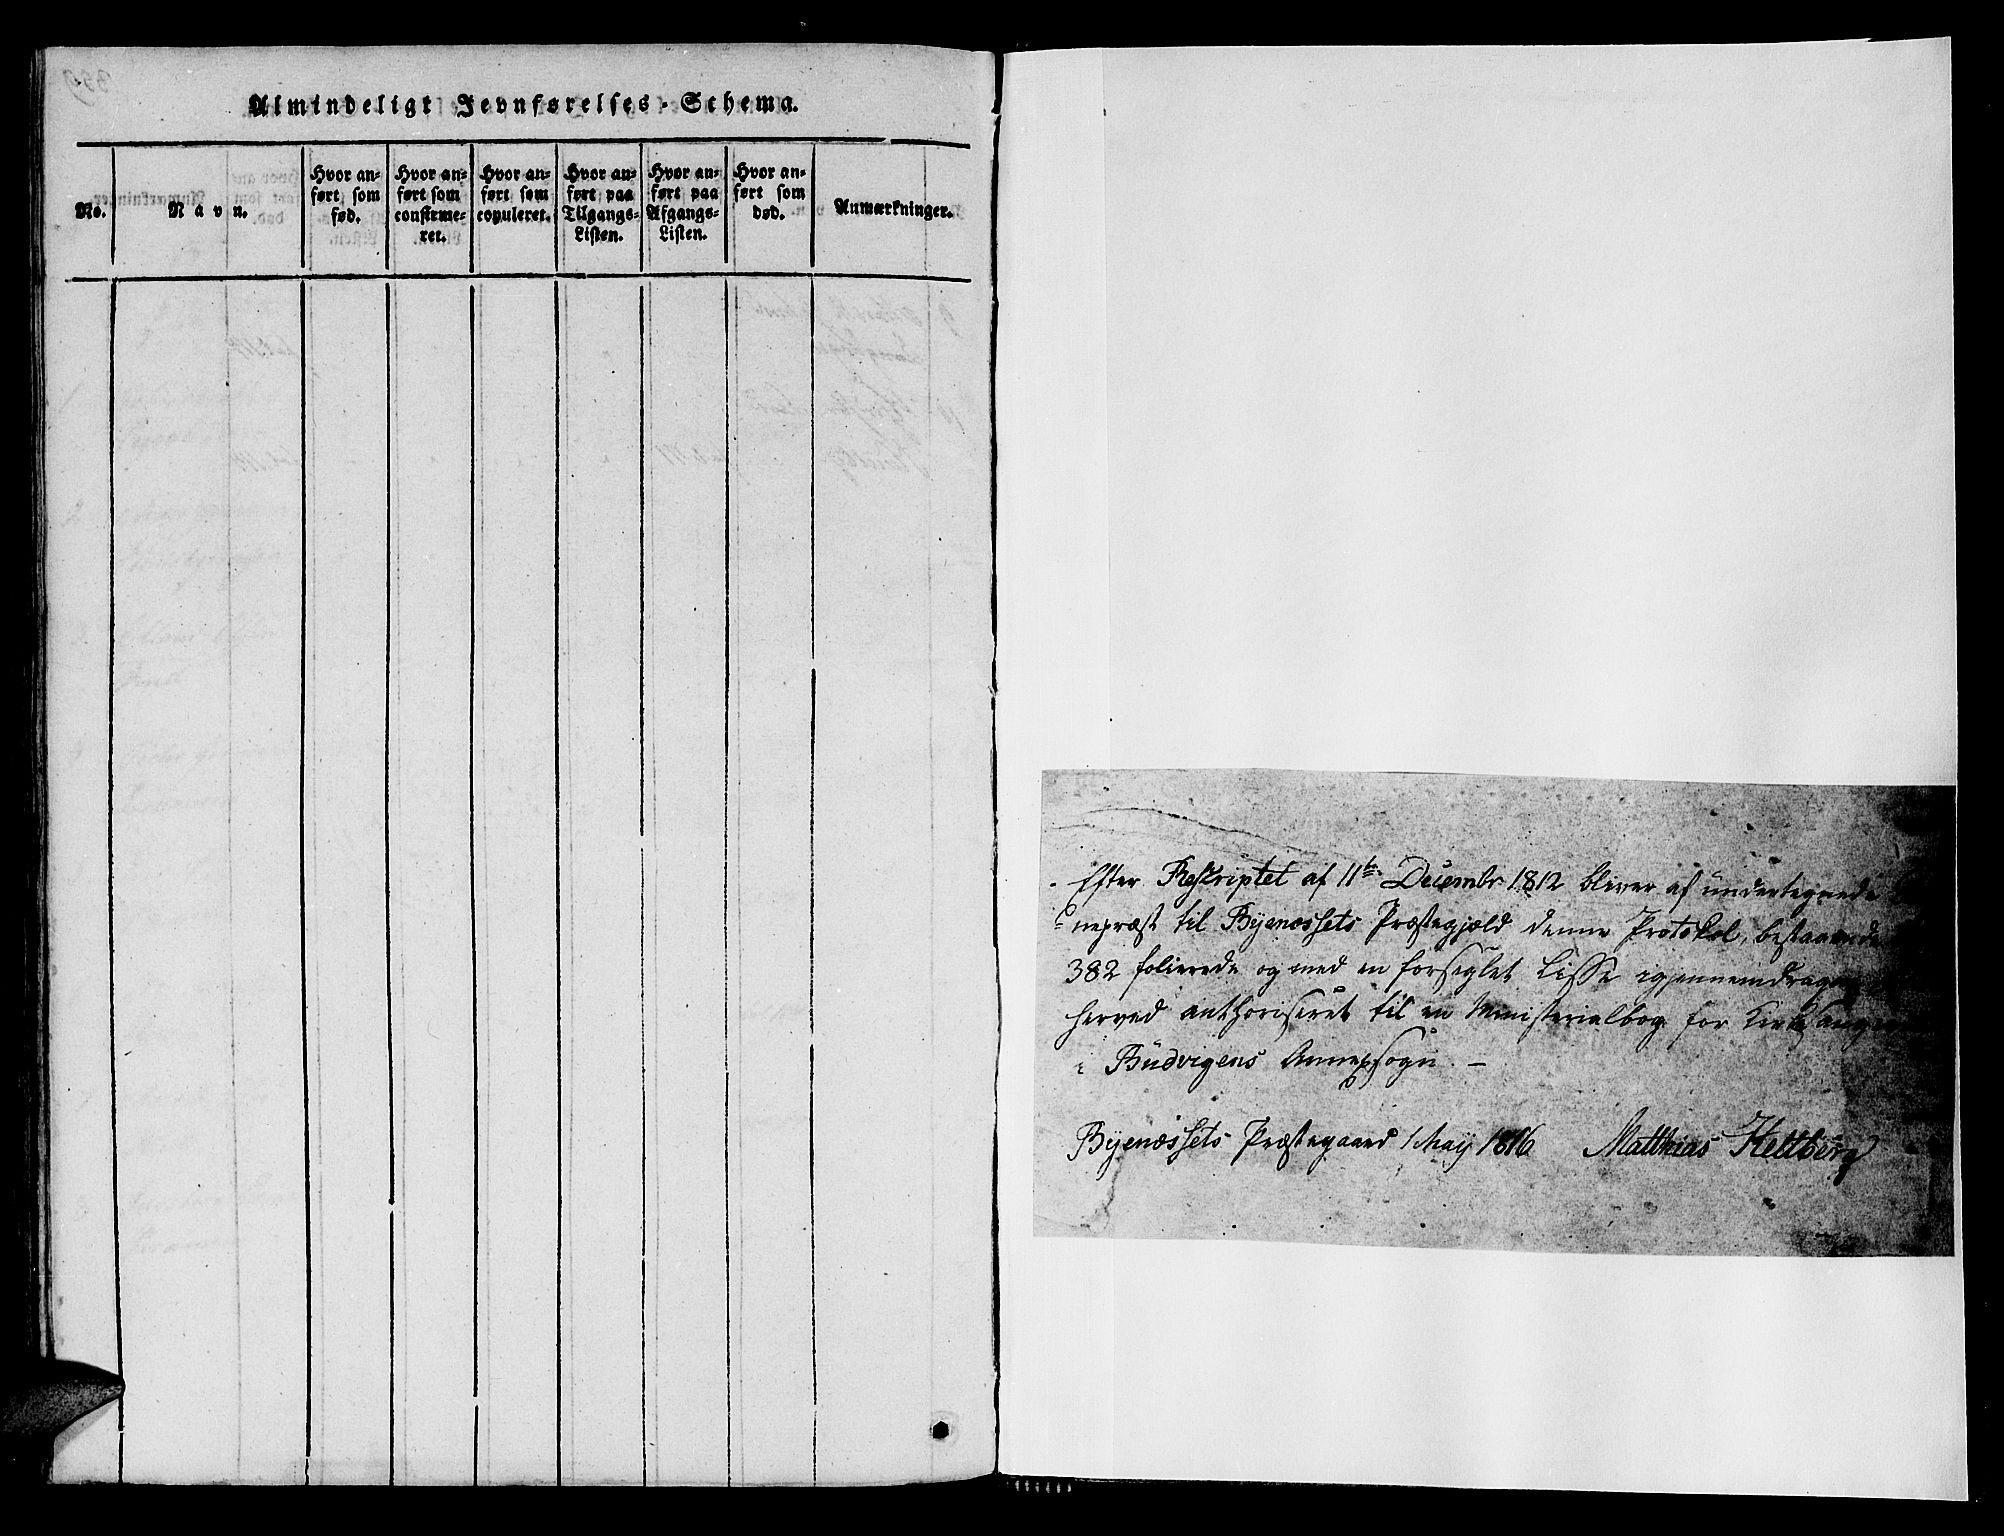 SAT, Ministerialprotokoller, klokkerbøker og fødselsregistre - Sør-Trøndelag, 666/L0788: Klokkerbok nr. 666C01, 1816-1847